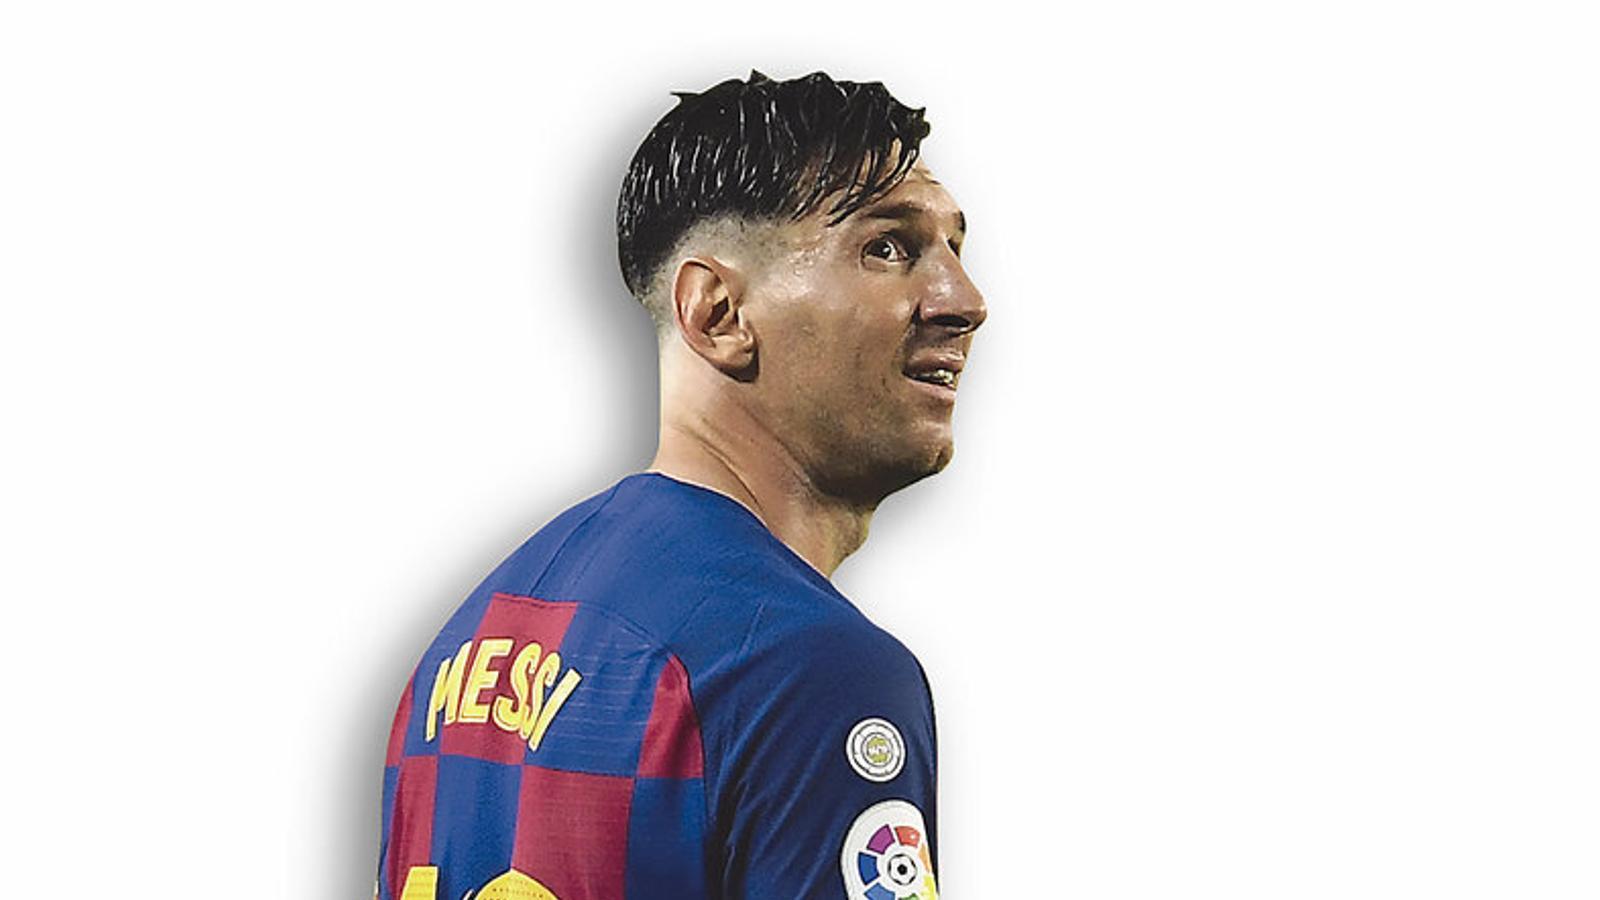 Leo Messi a l'últim partit contra l'Atlètic de Madrid,  En què va marcar el seu gol número 700 com a professional.